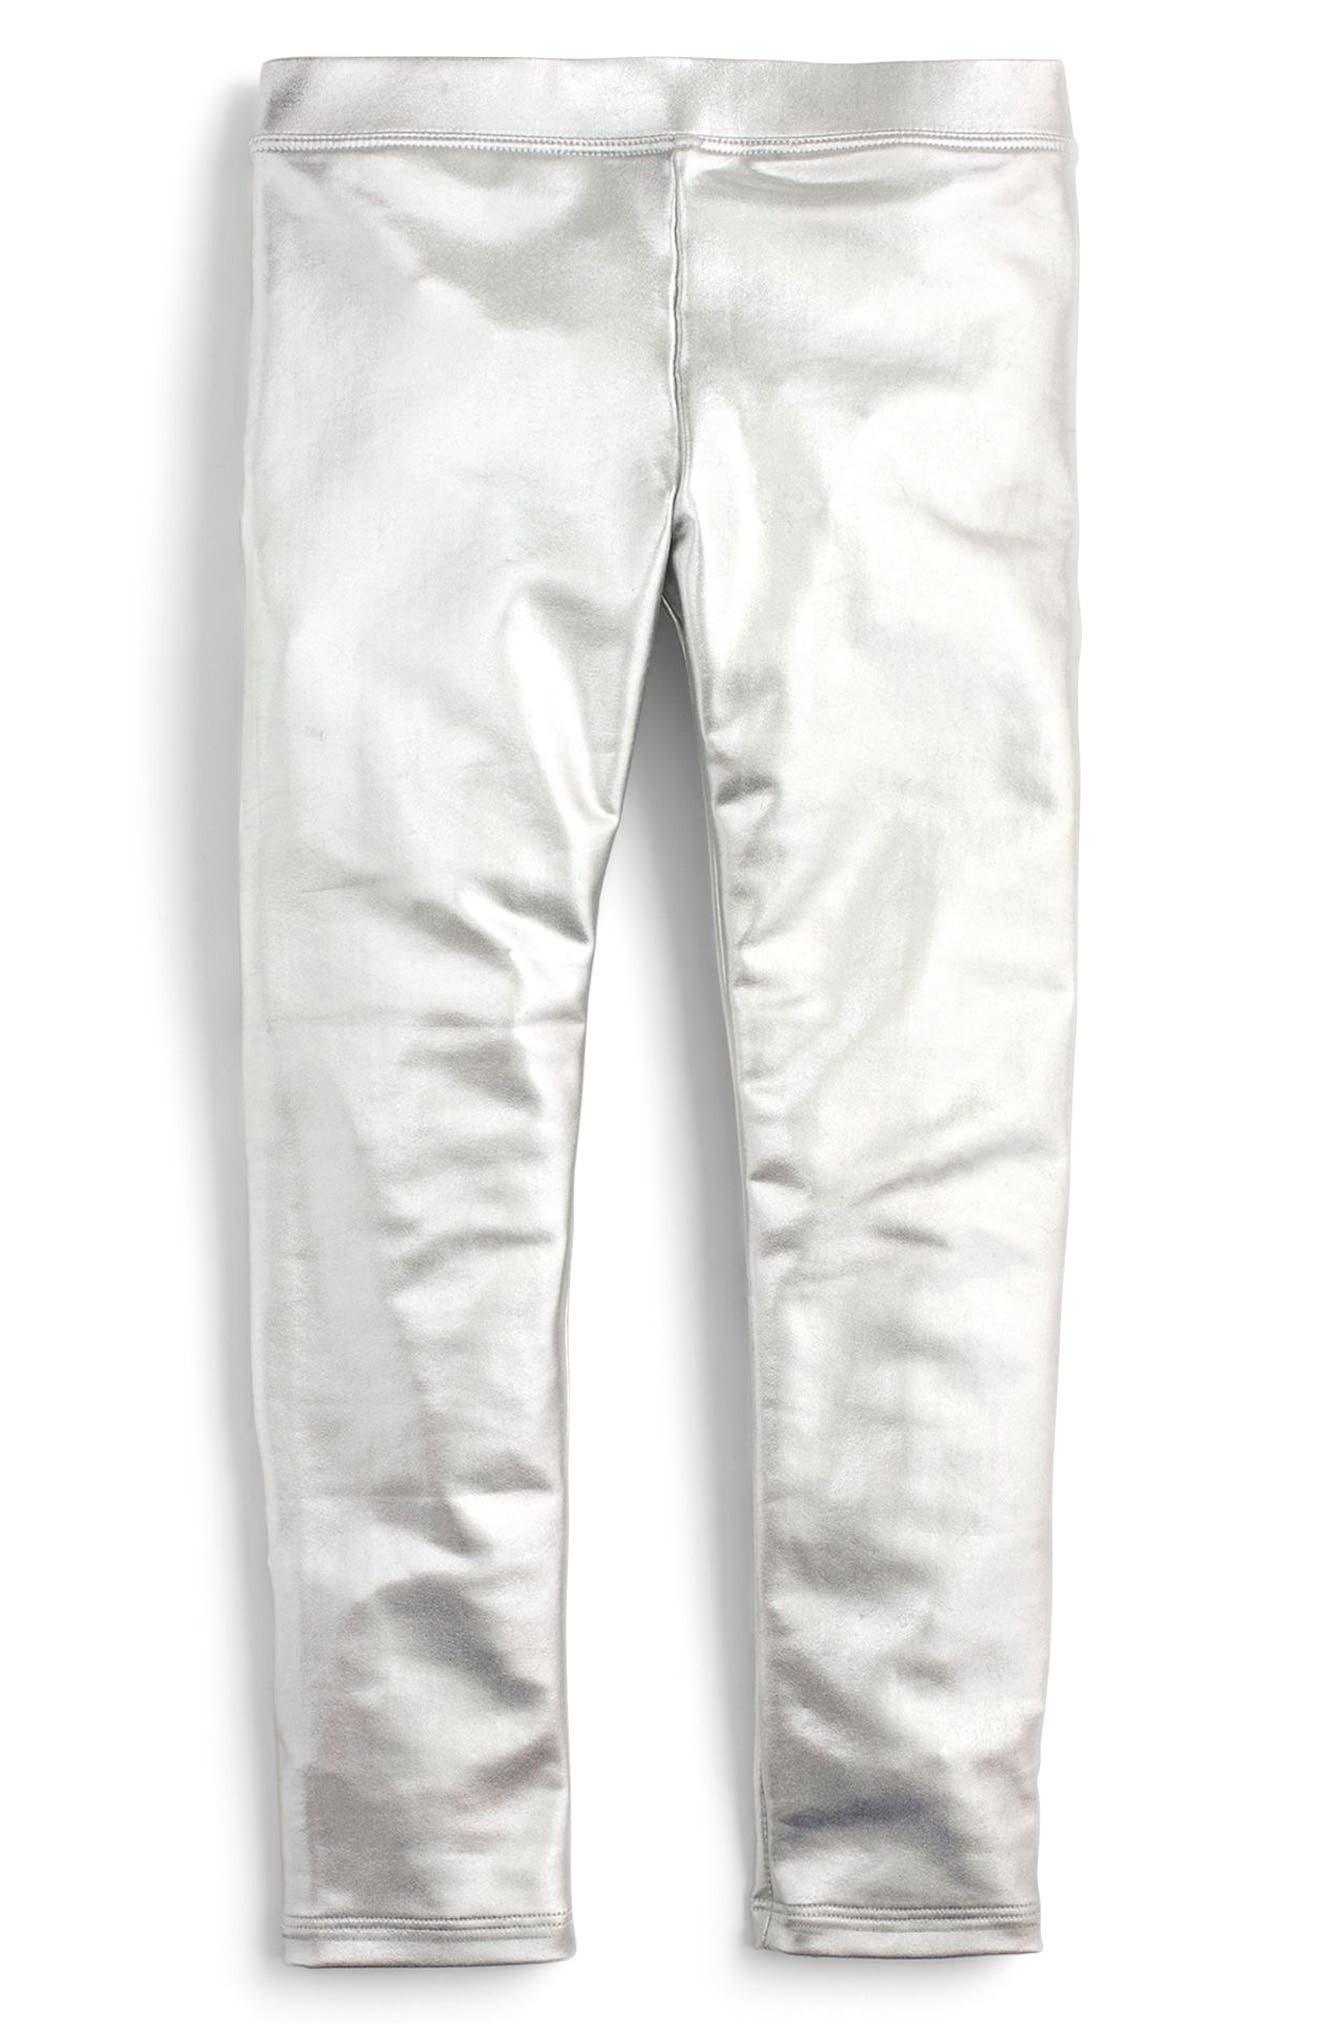 Metallic Leggings,                             Main thumbnail 1, color,                             Silver Ka3441